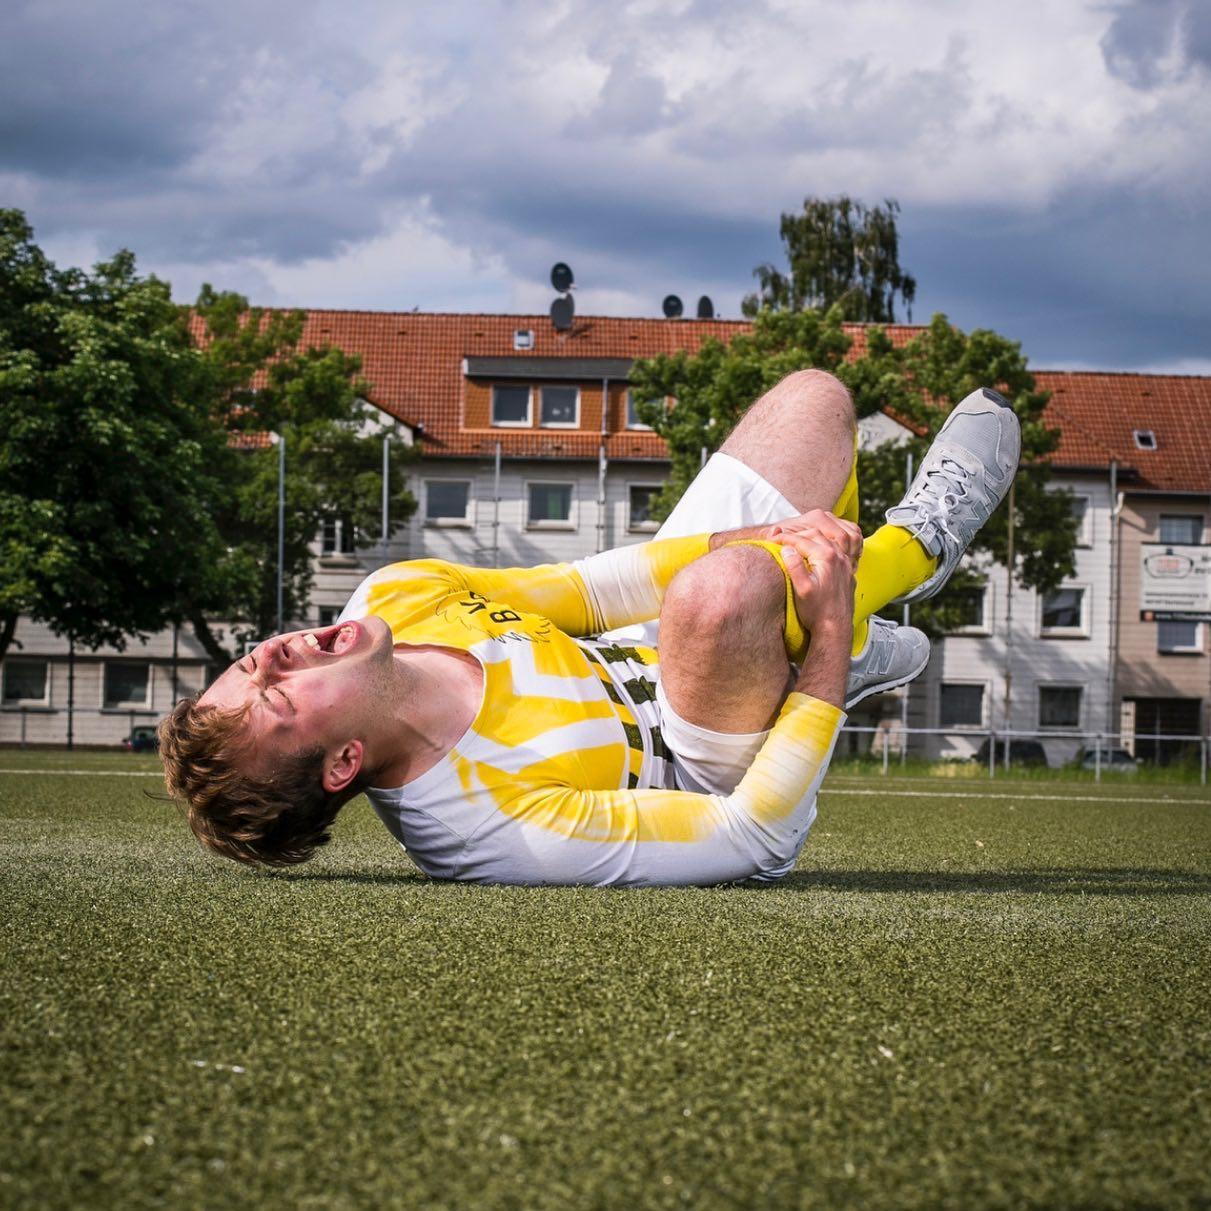 Foto: Sarah Rauch, www.rauch-foto.de